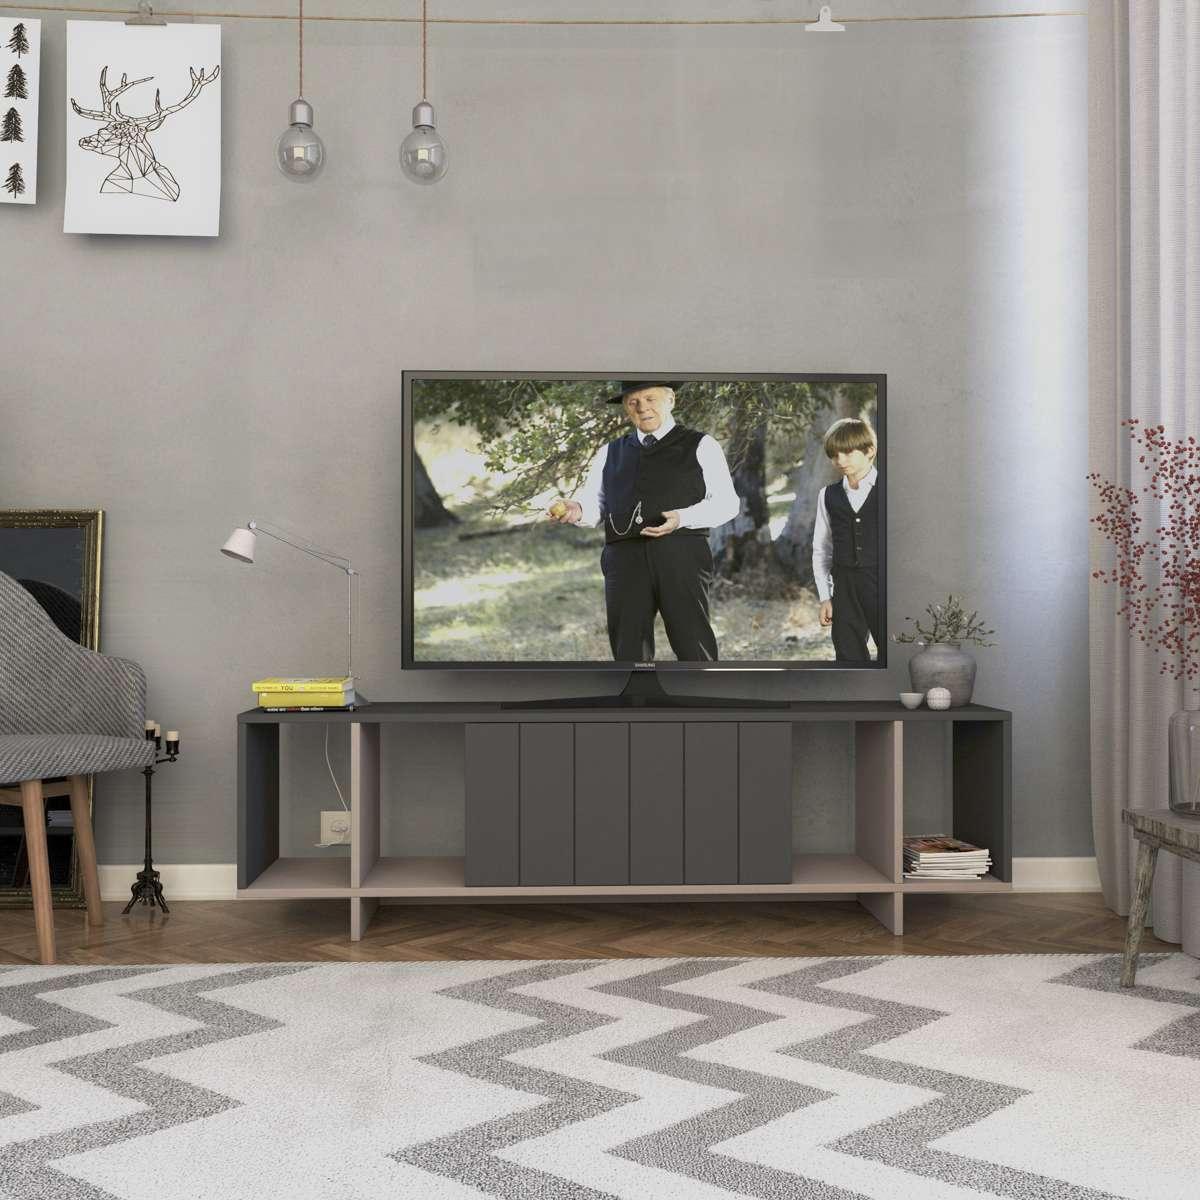 מזנון טלוויזיה ZITANO TV אפור/מוקה 160 ס